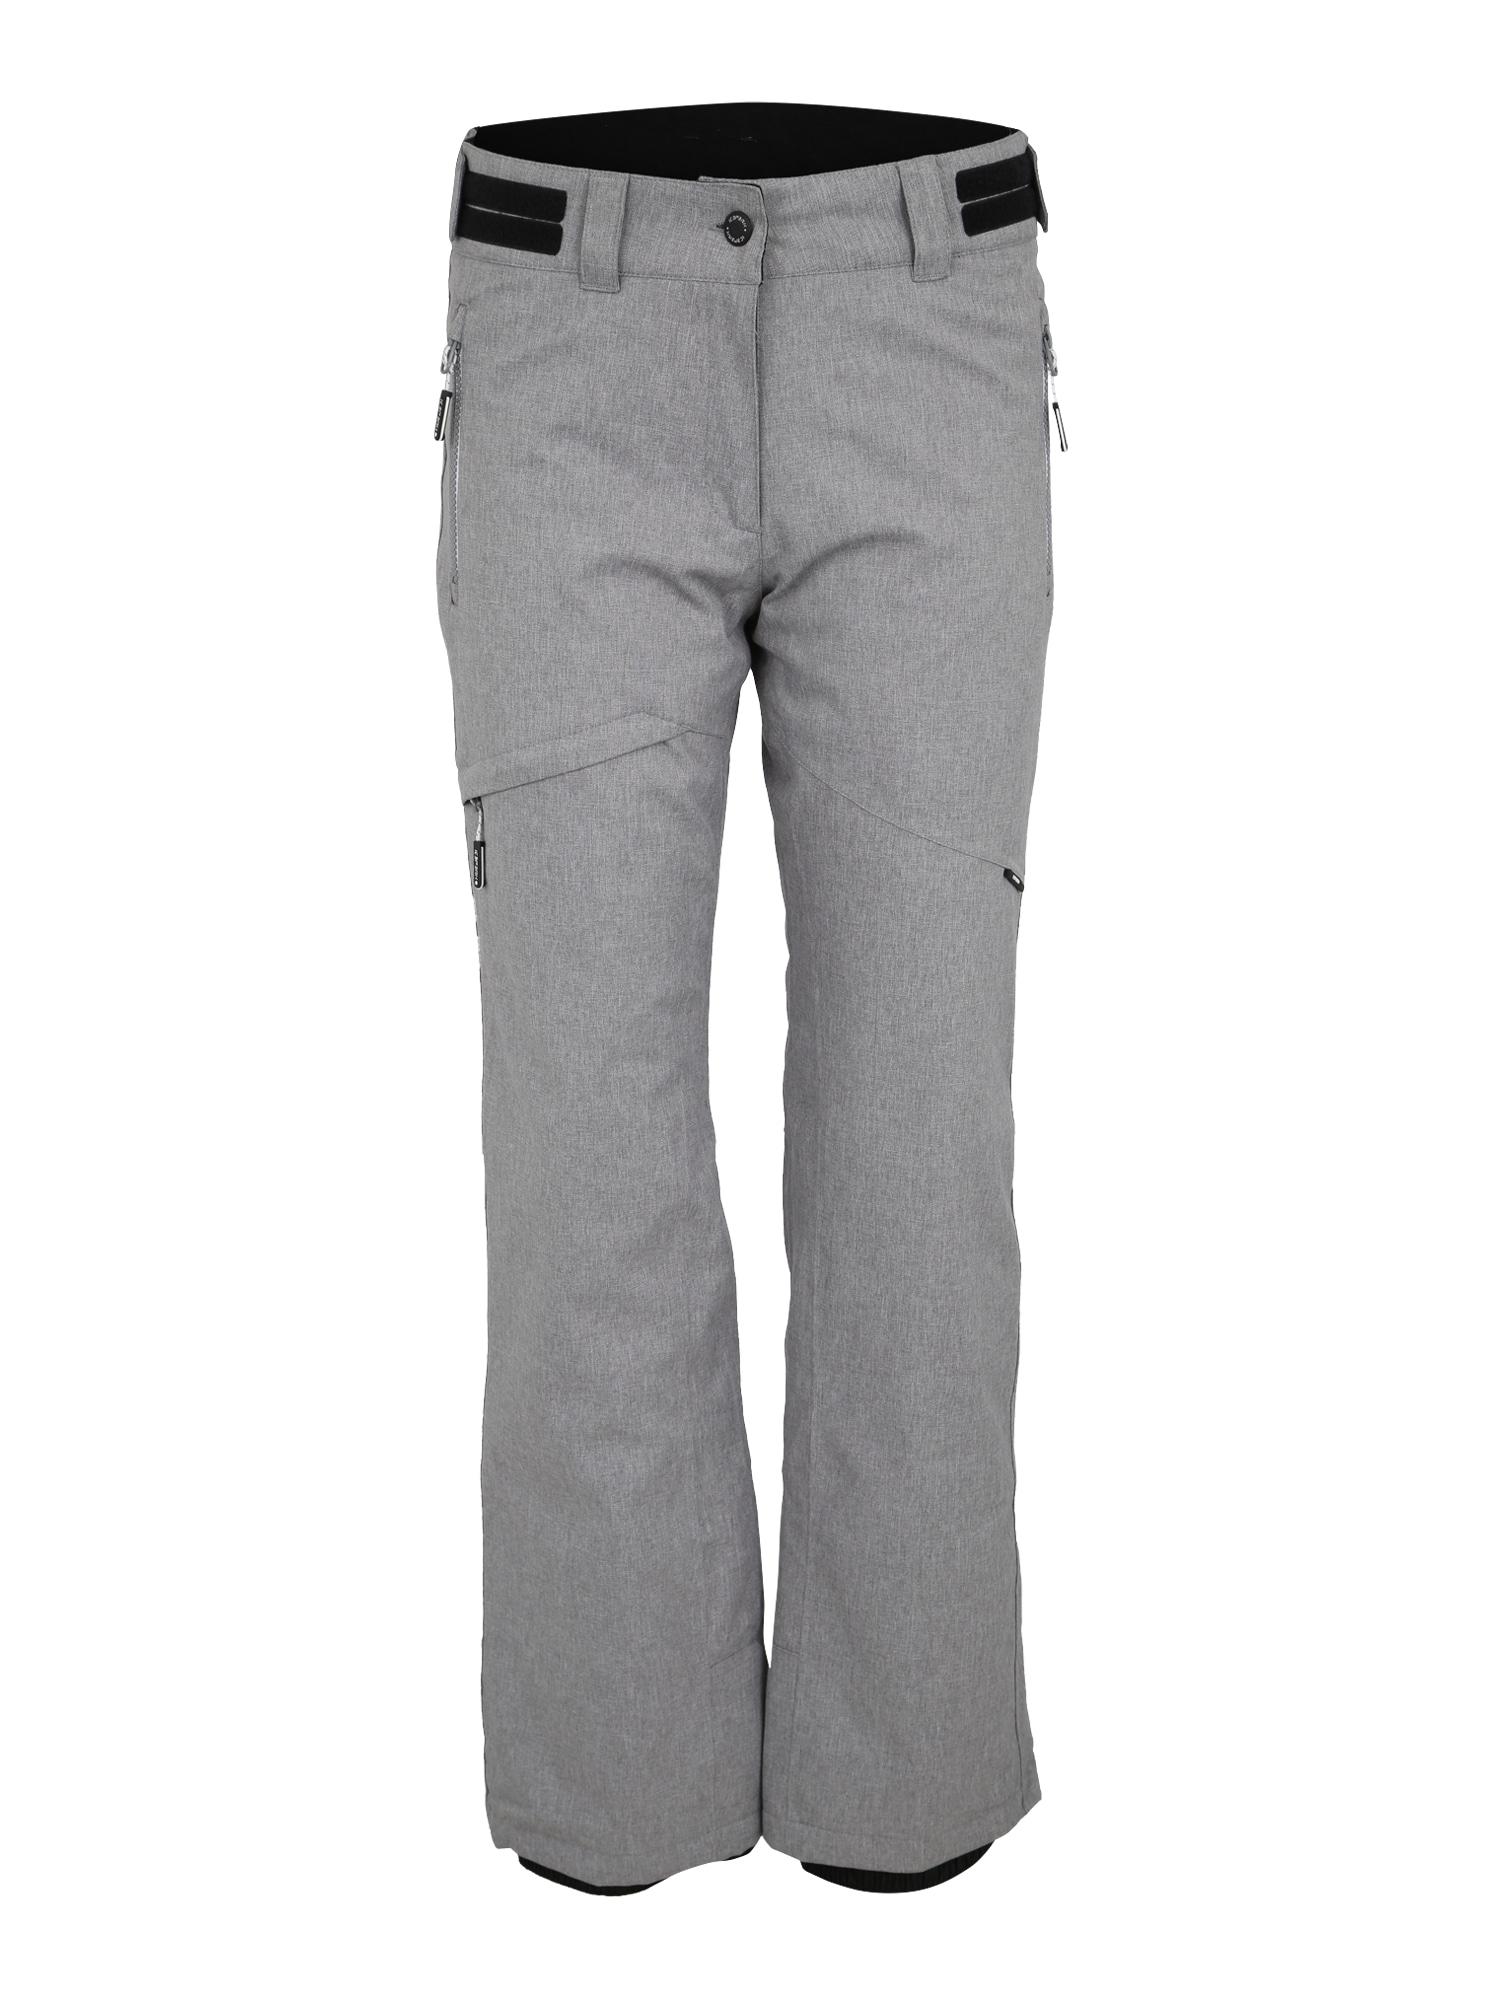 Outdoorové kalhoty KARLA šedý melír ICEPEAK